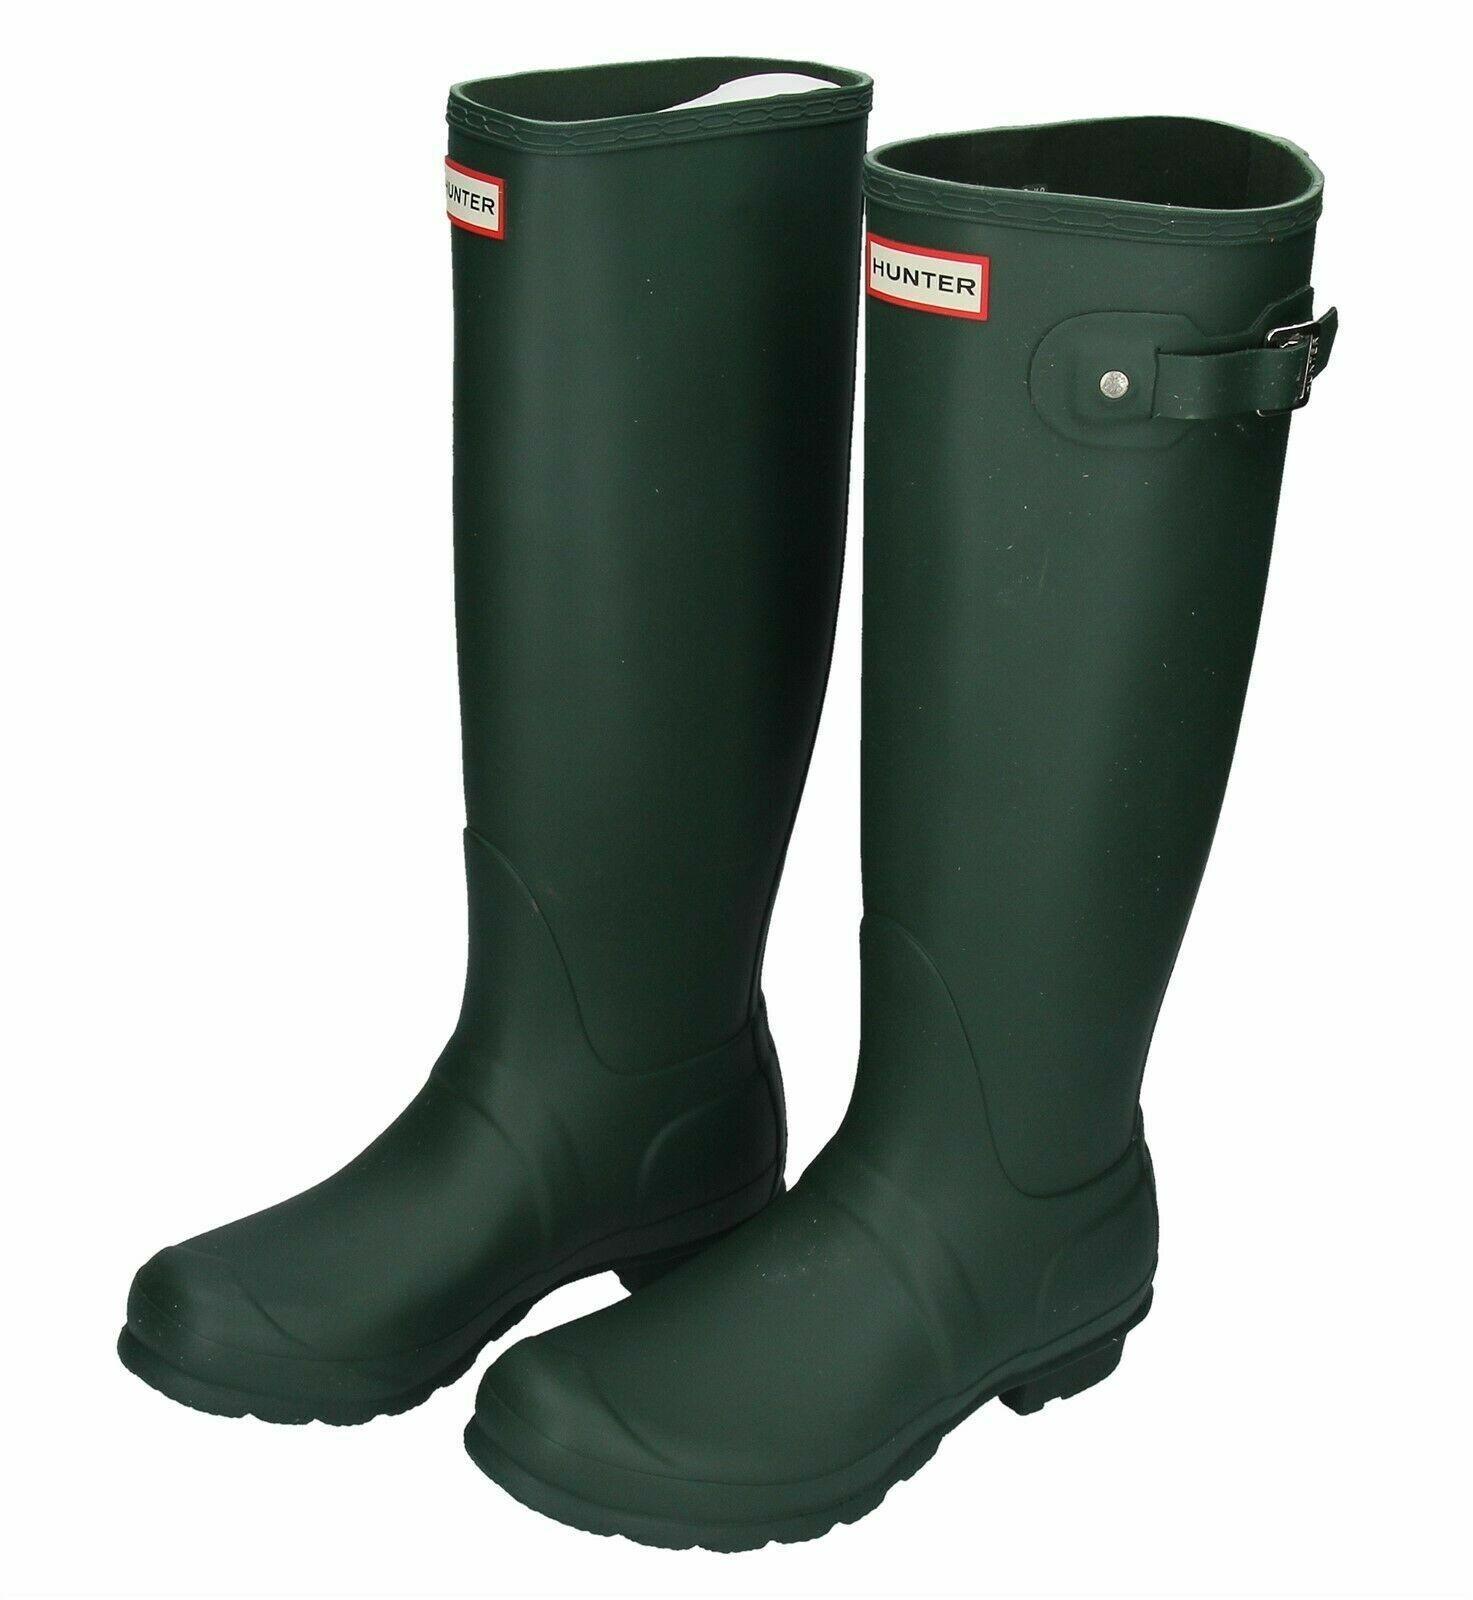 bf70a869ee0 Hunter Women's Original Tall Rain Boots - Green